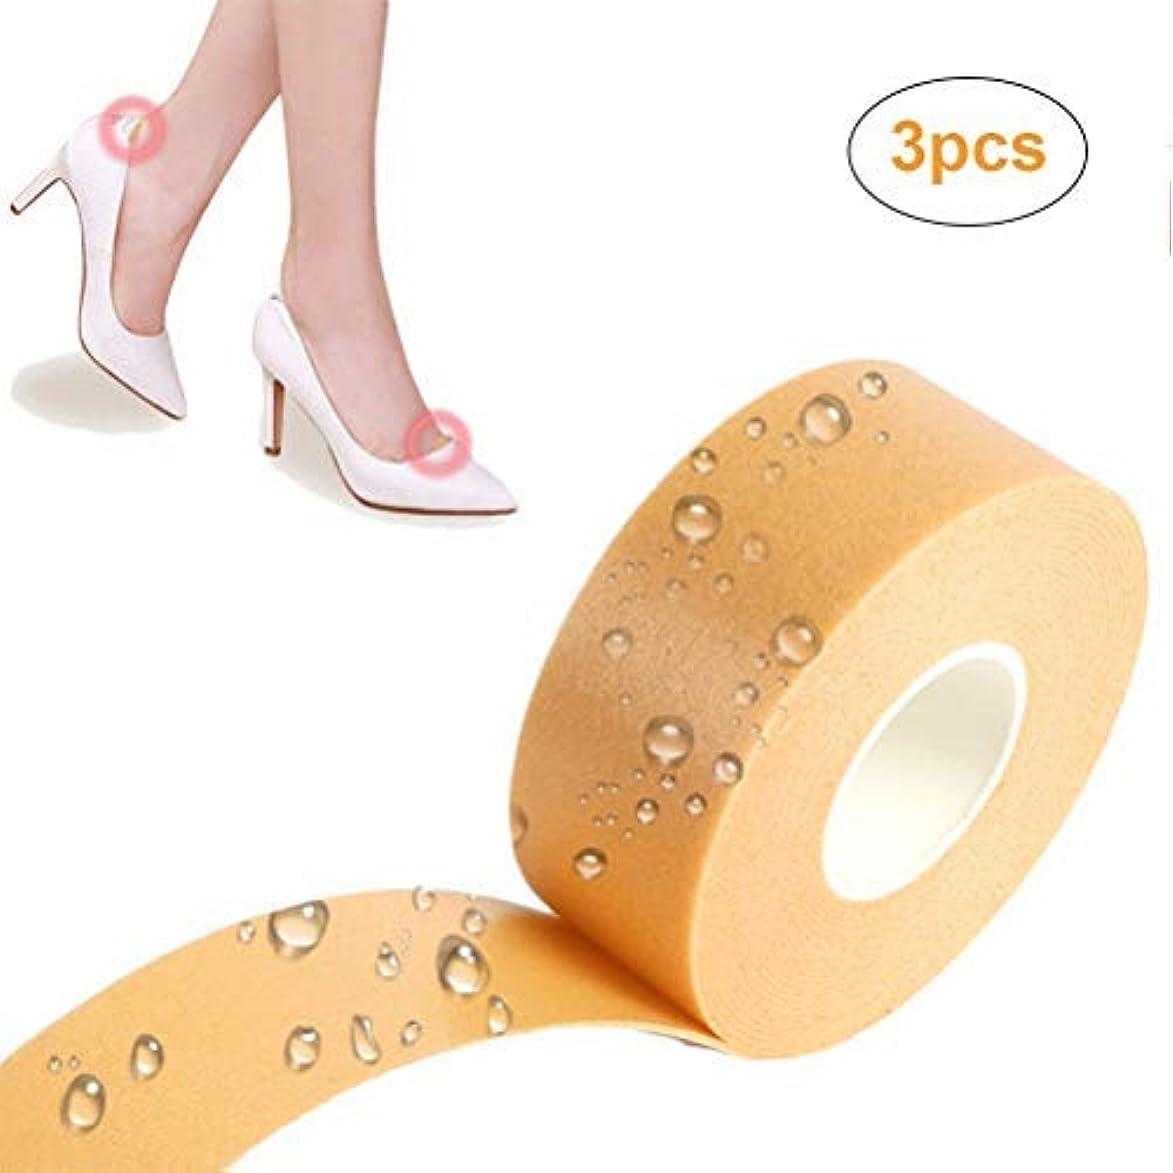 単語バスルームリズムライフ小屋 靴ずれ予防テープ 靴ずれ保護テープ 防水素材 粘着 切断可能 靴擦れ防止パッド かかとパッド かかと パッド 保護テープ 足用保護パッド 足裏痛み緩和 靴ズレ防止 快適歩行 男女兼用